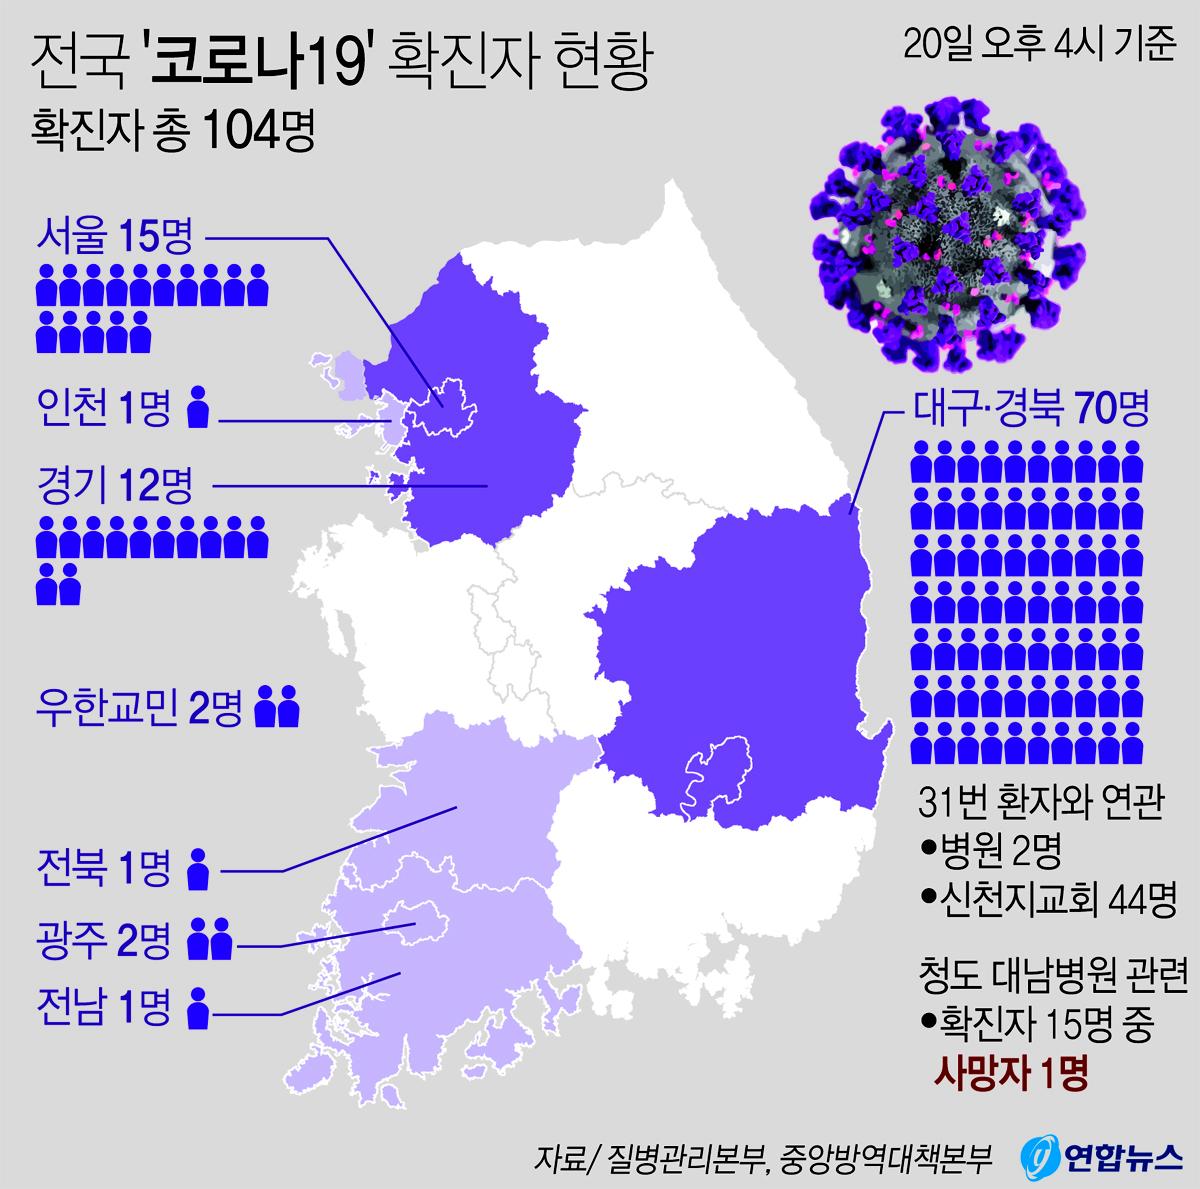 전국에서 발생한 '코로나19' 확진자 현황. [연합뉴스]